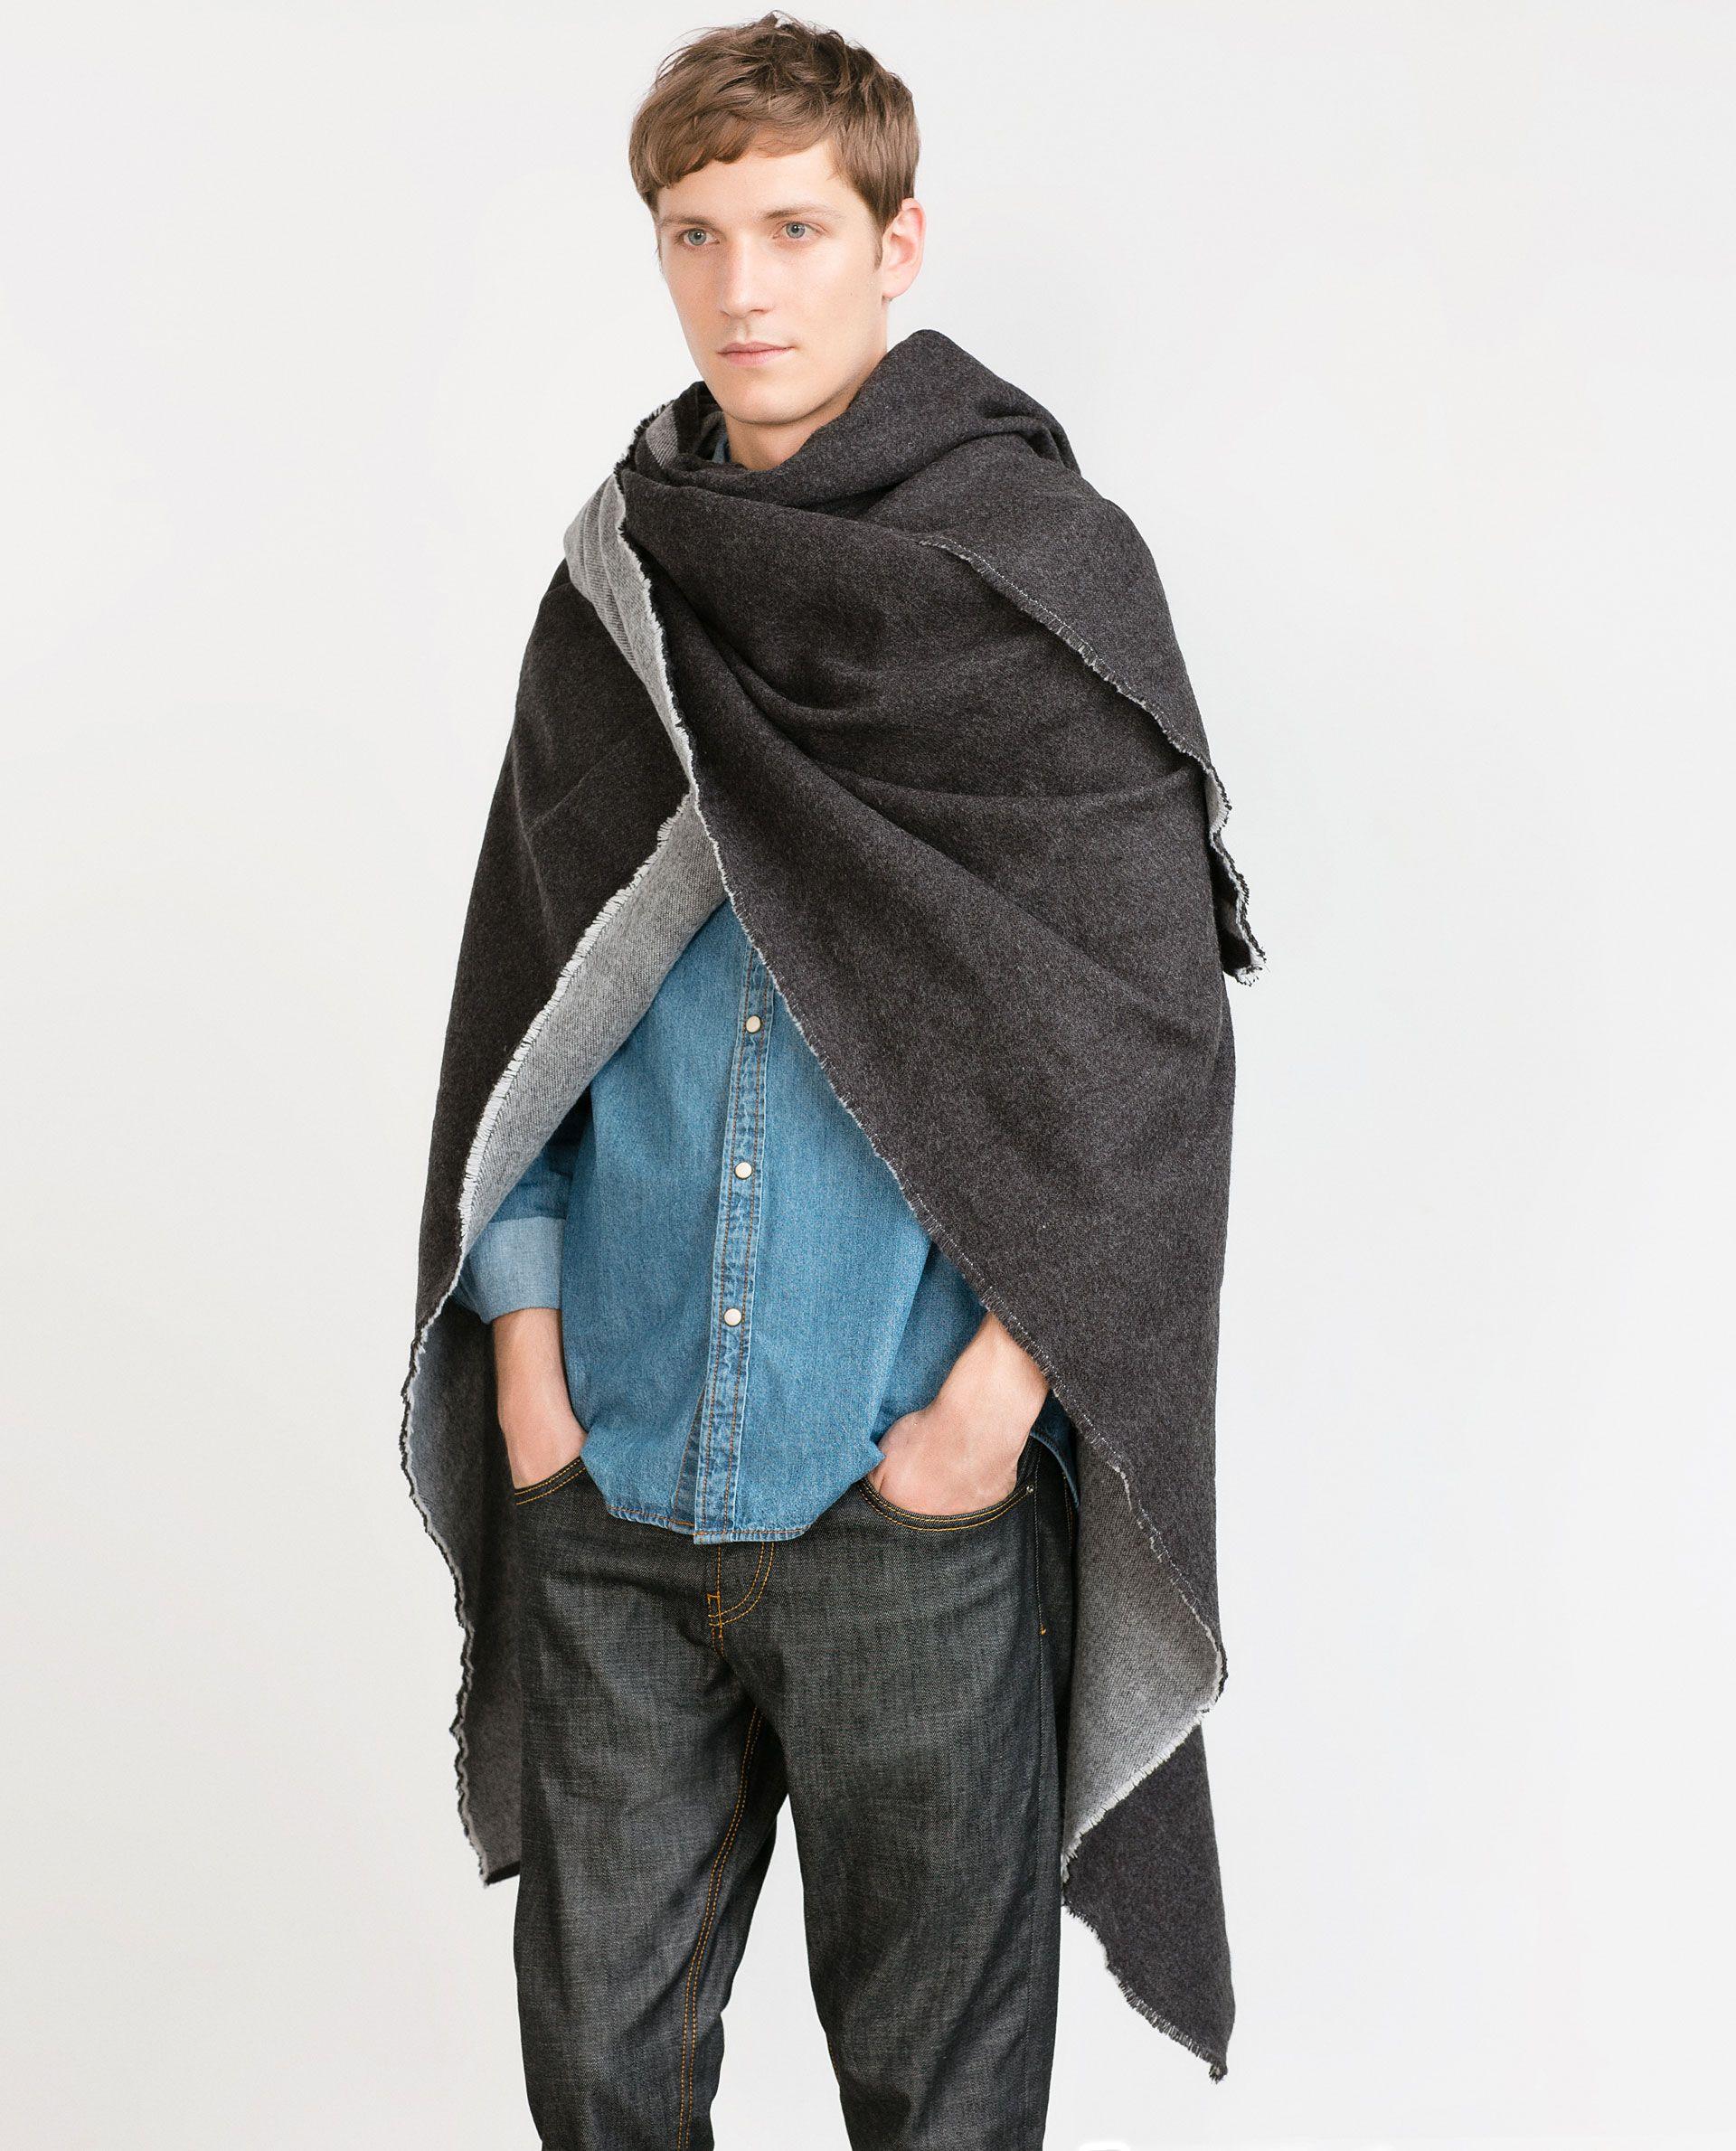 d2871dc2e REVERSIBLE STRIPED PONCHO - View all - Knitwear - MAN   ZARA Belgium Mens  Poncho,